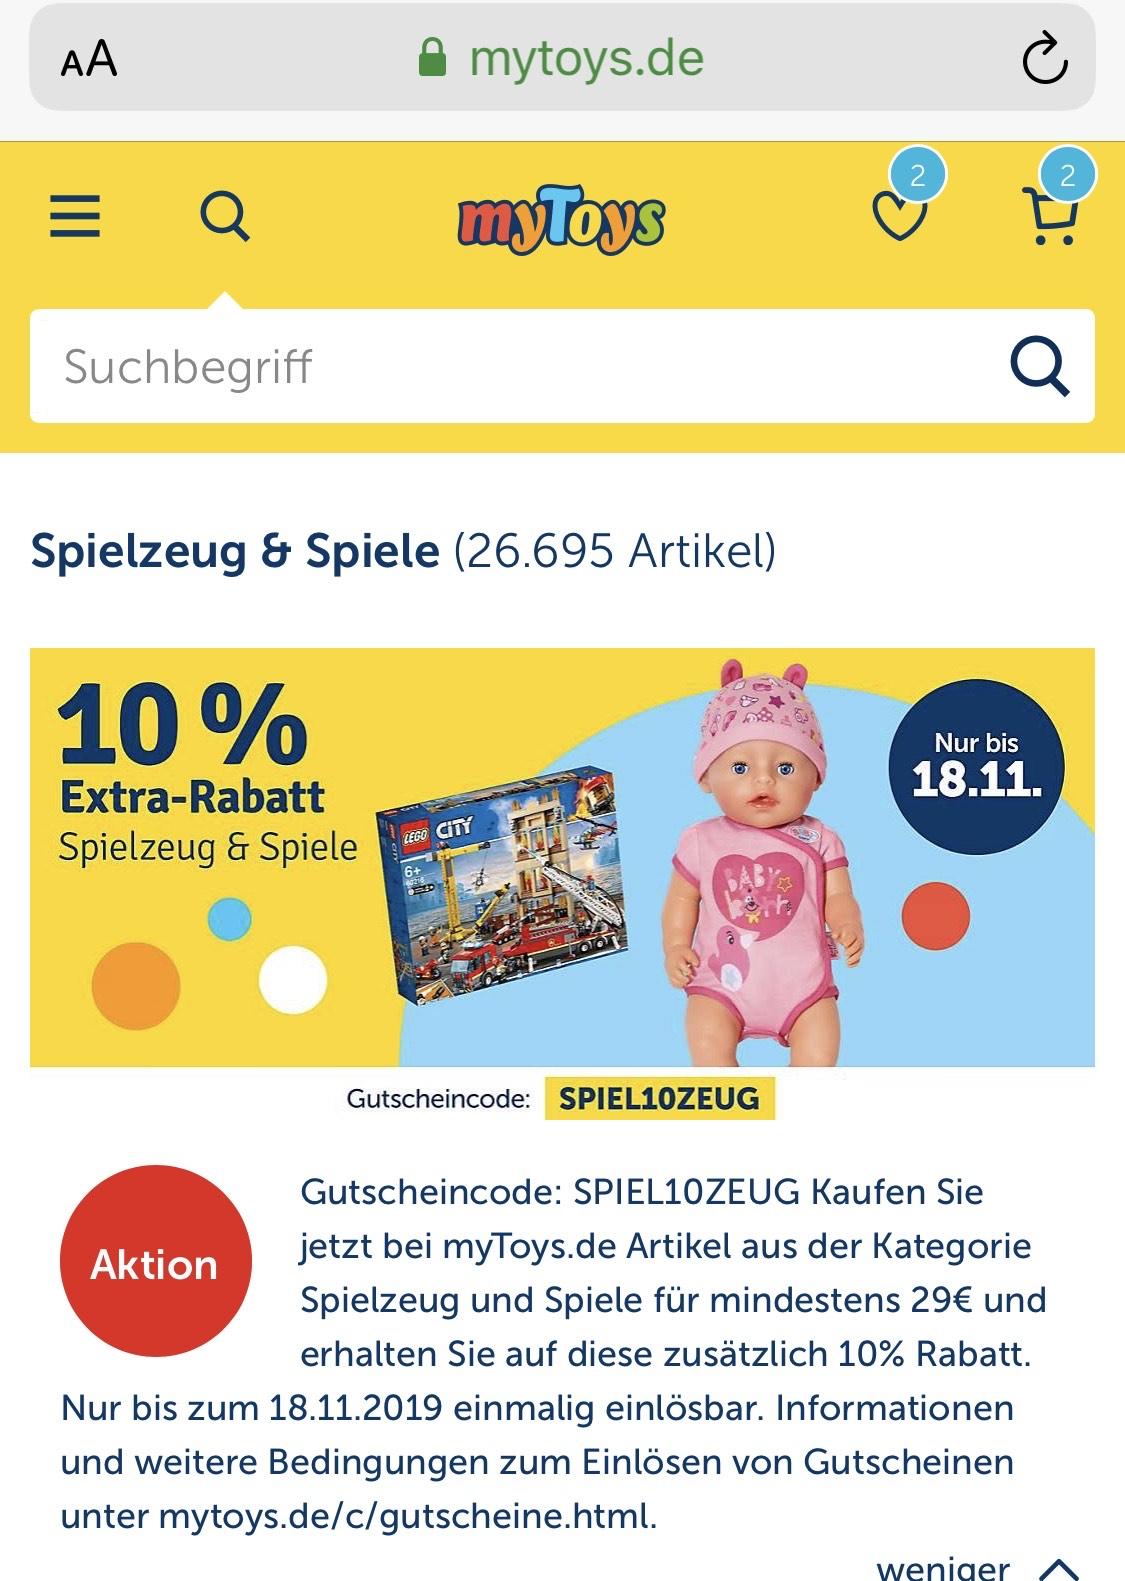 10% extra Rabatt auf Spiele und Spielzeug